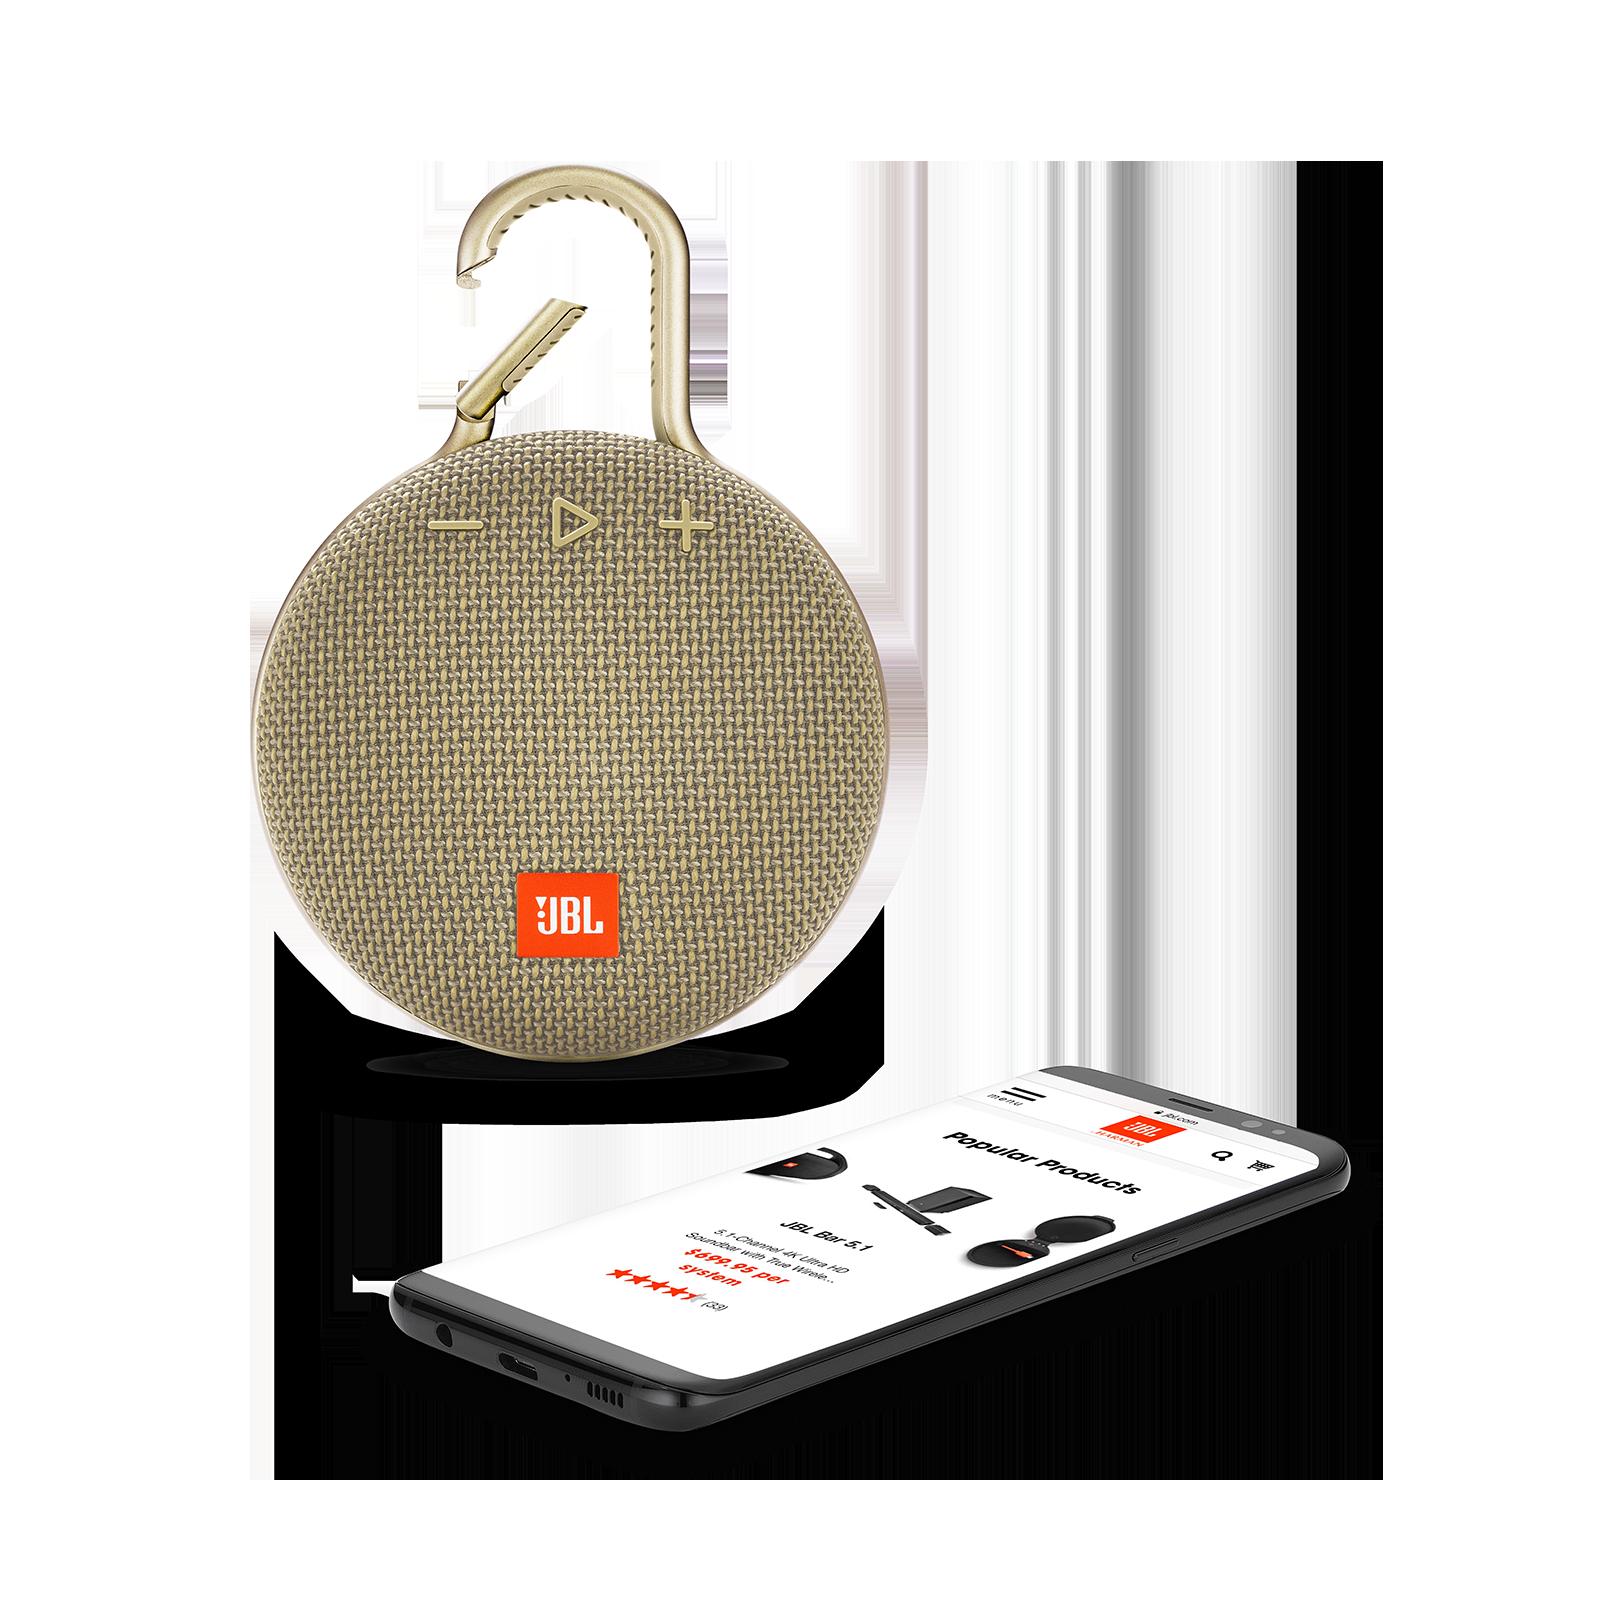 JBL CLIP 3 - Desert Sand - Portable Bluetooth® speaker - Detailshot 1